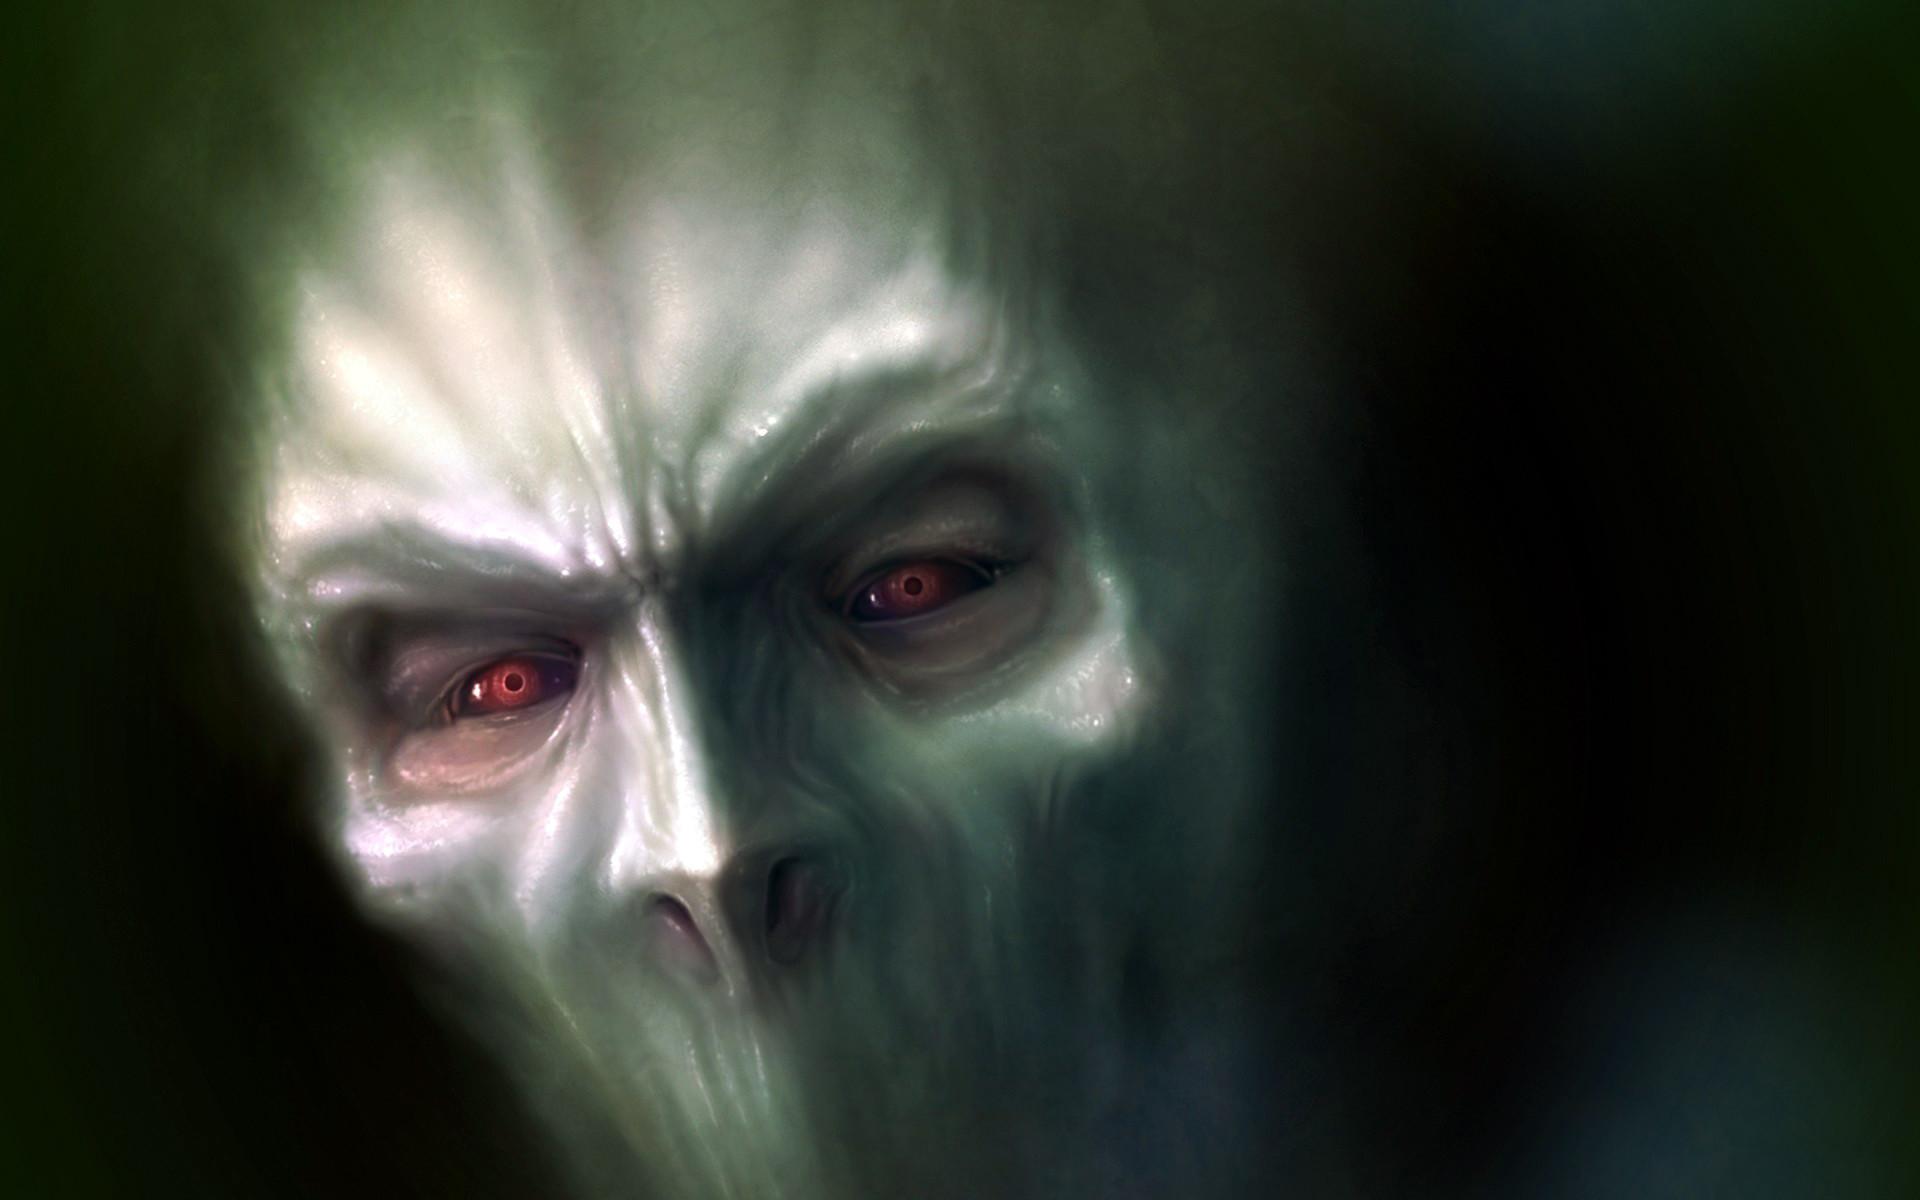 Monsters Face Glance Fantasy Monster Evil Horror Wallpaper At Dark  Wallpapers